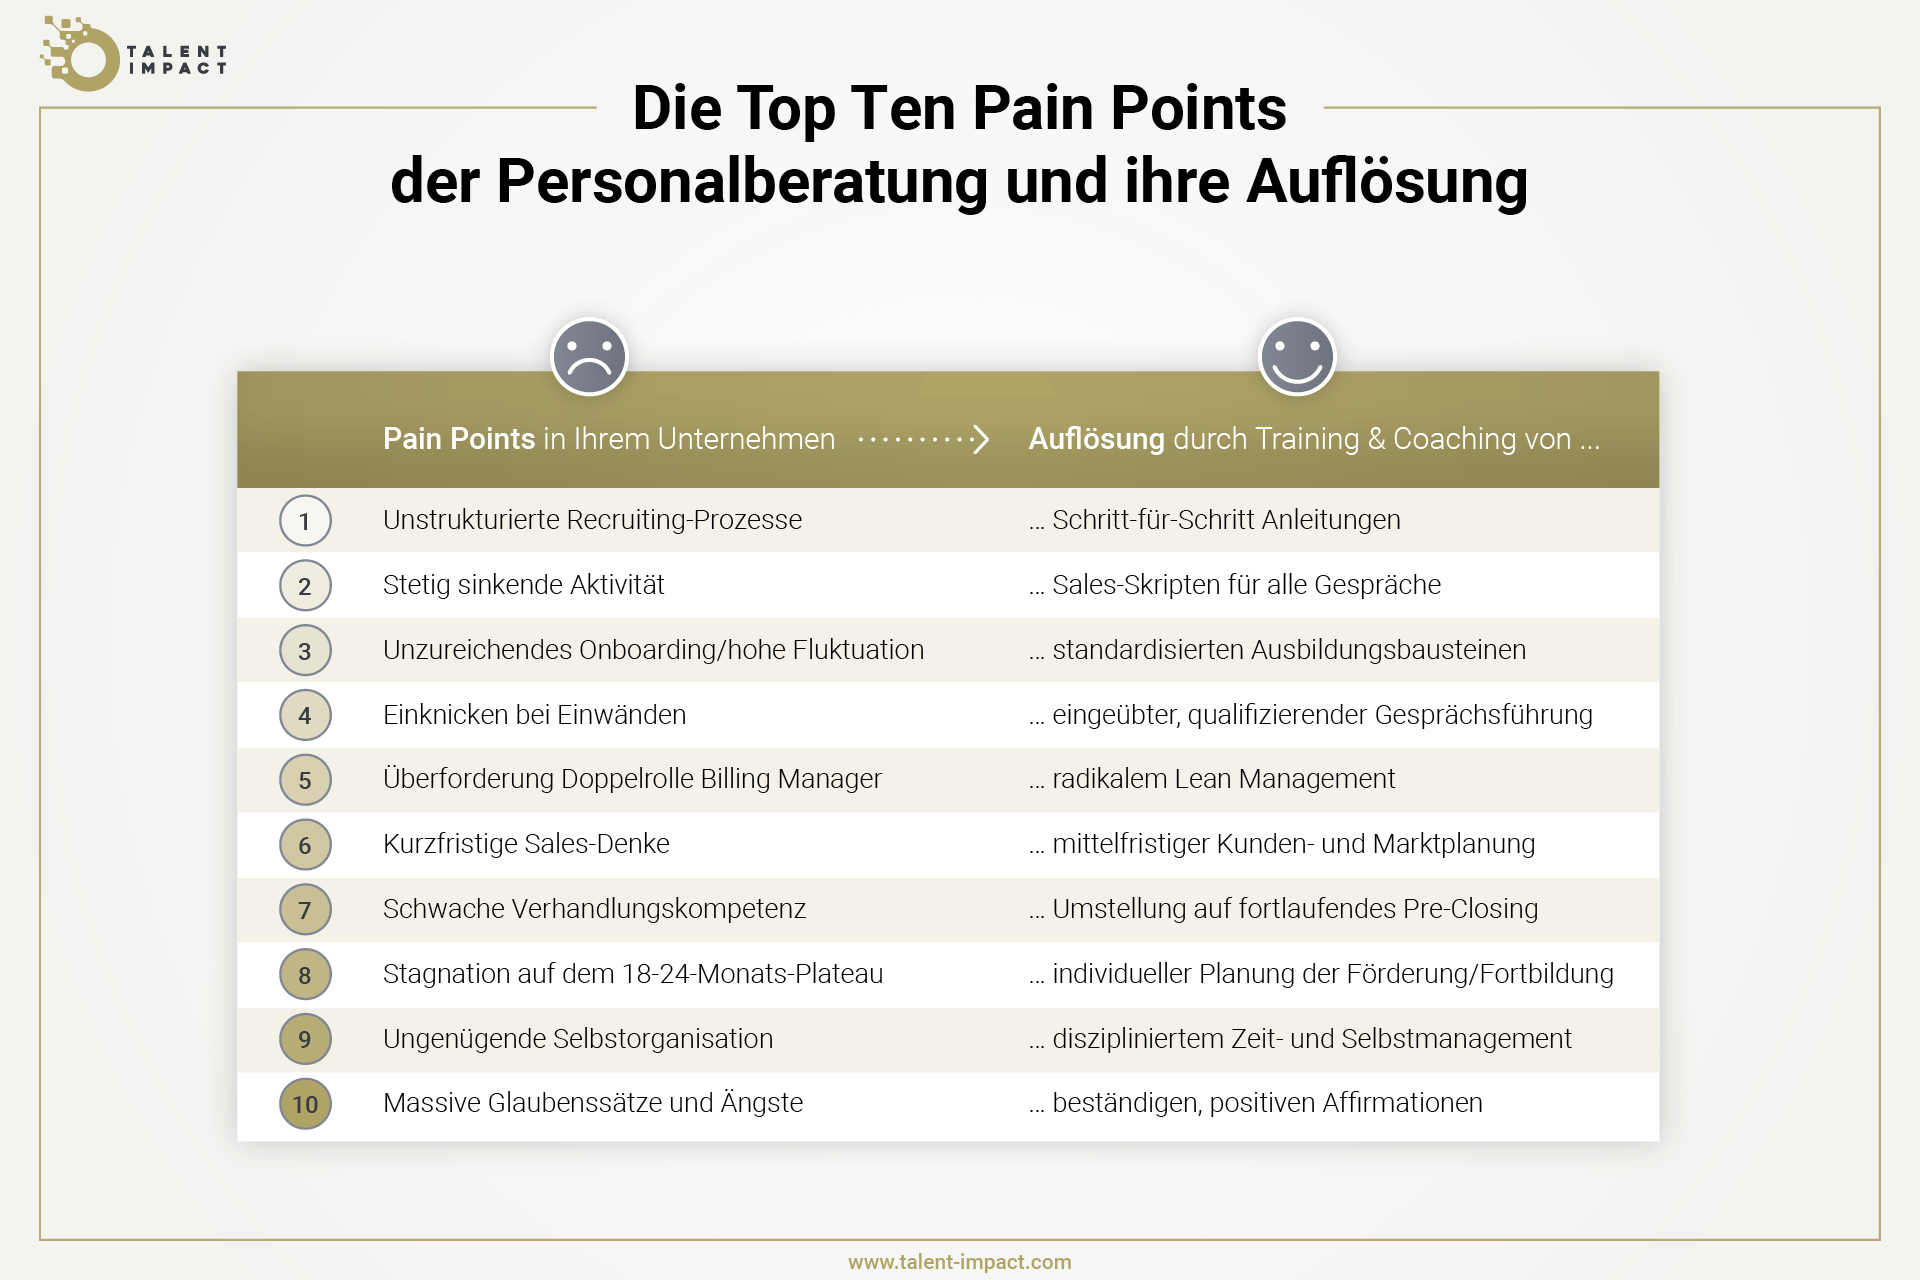 Grafik, die zeigt, wie die zehn zentrale Schmerzpunkte bzw. Probleme in der Personalberatung durch gezieltes Training gelöst werden können